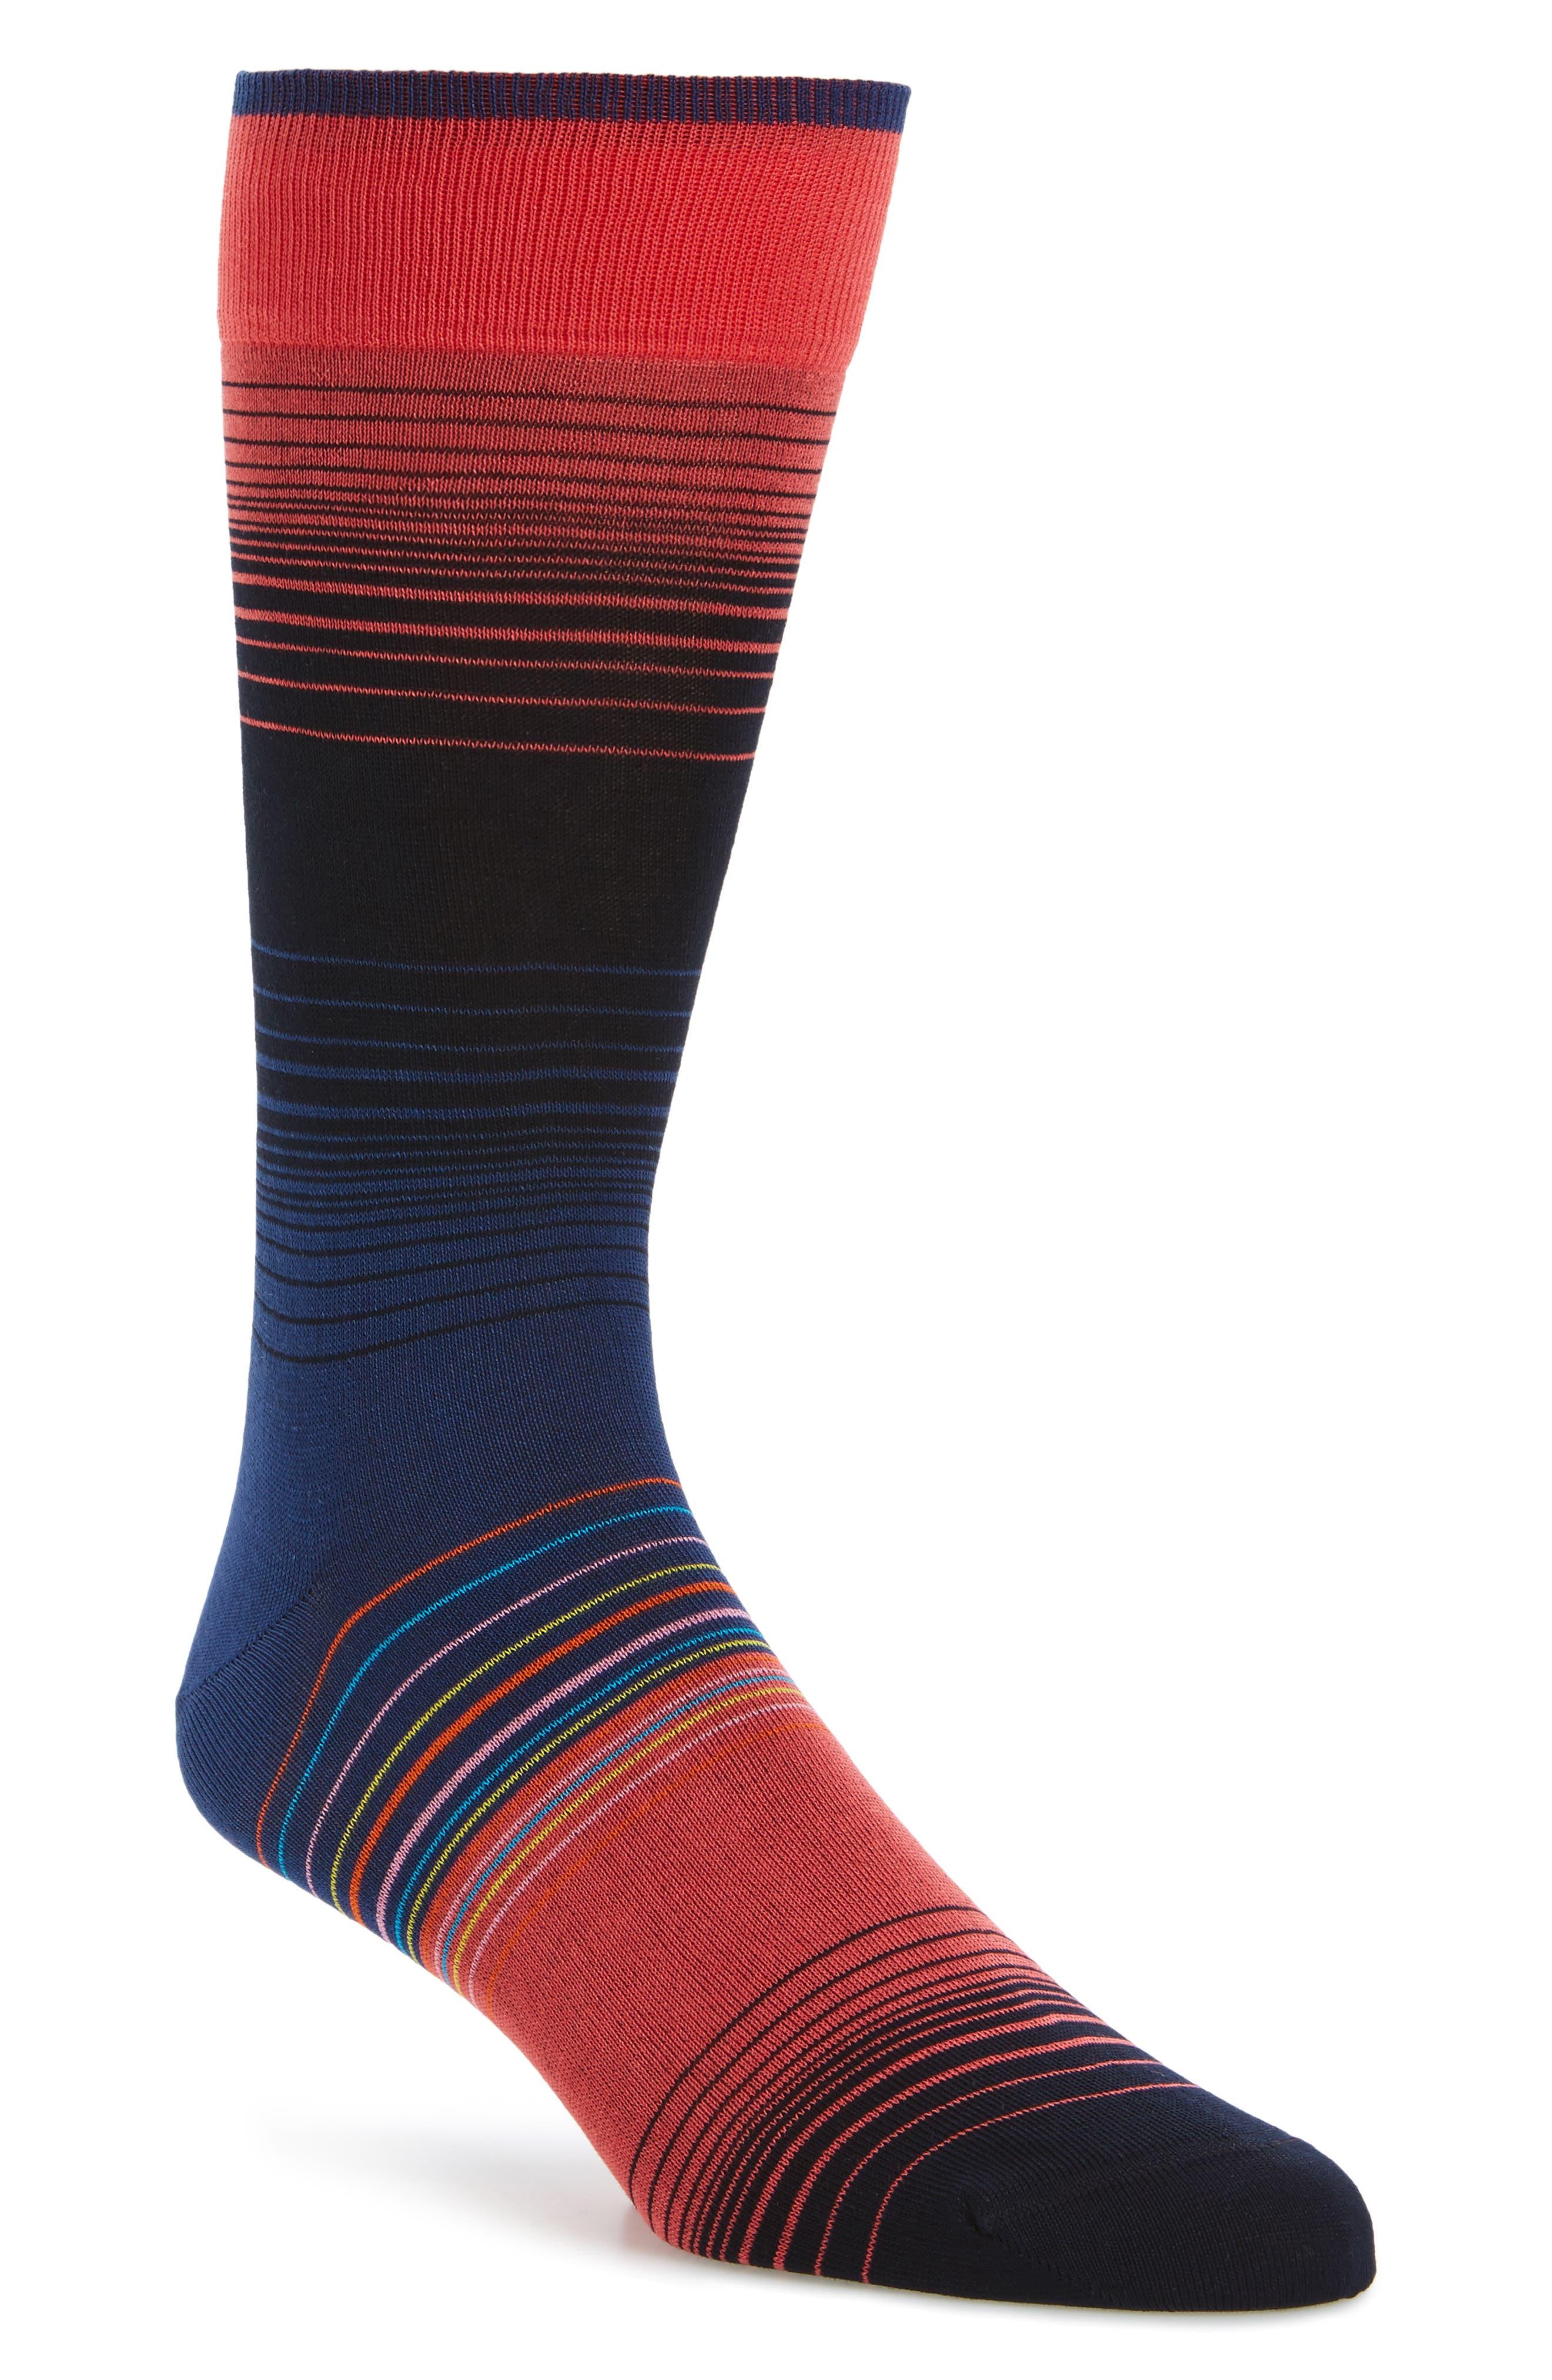 Stripe Socks,                             Main thumbnail 1, color,                             005